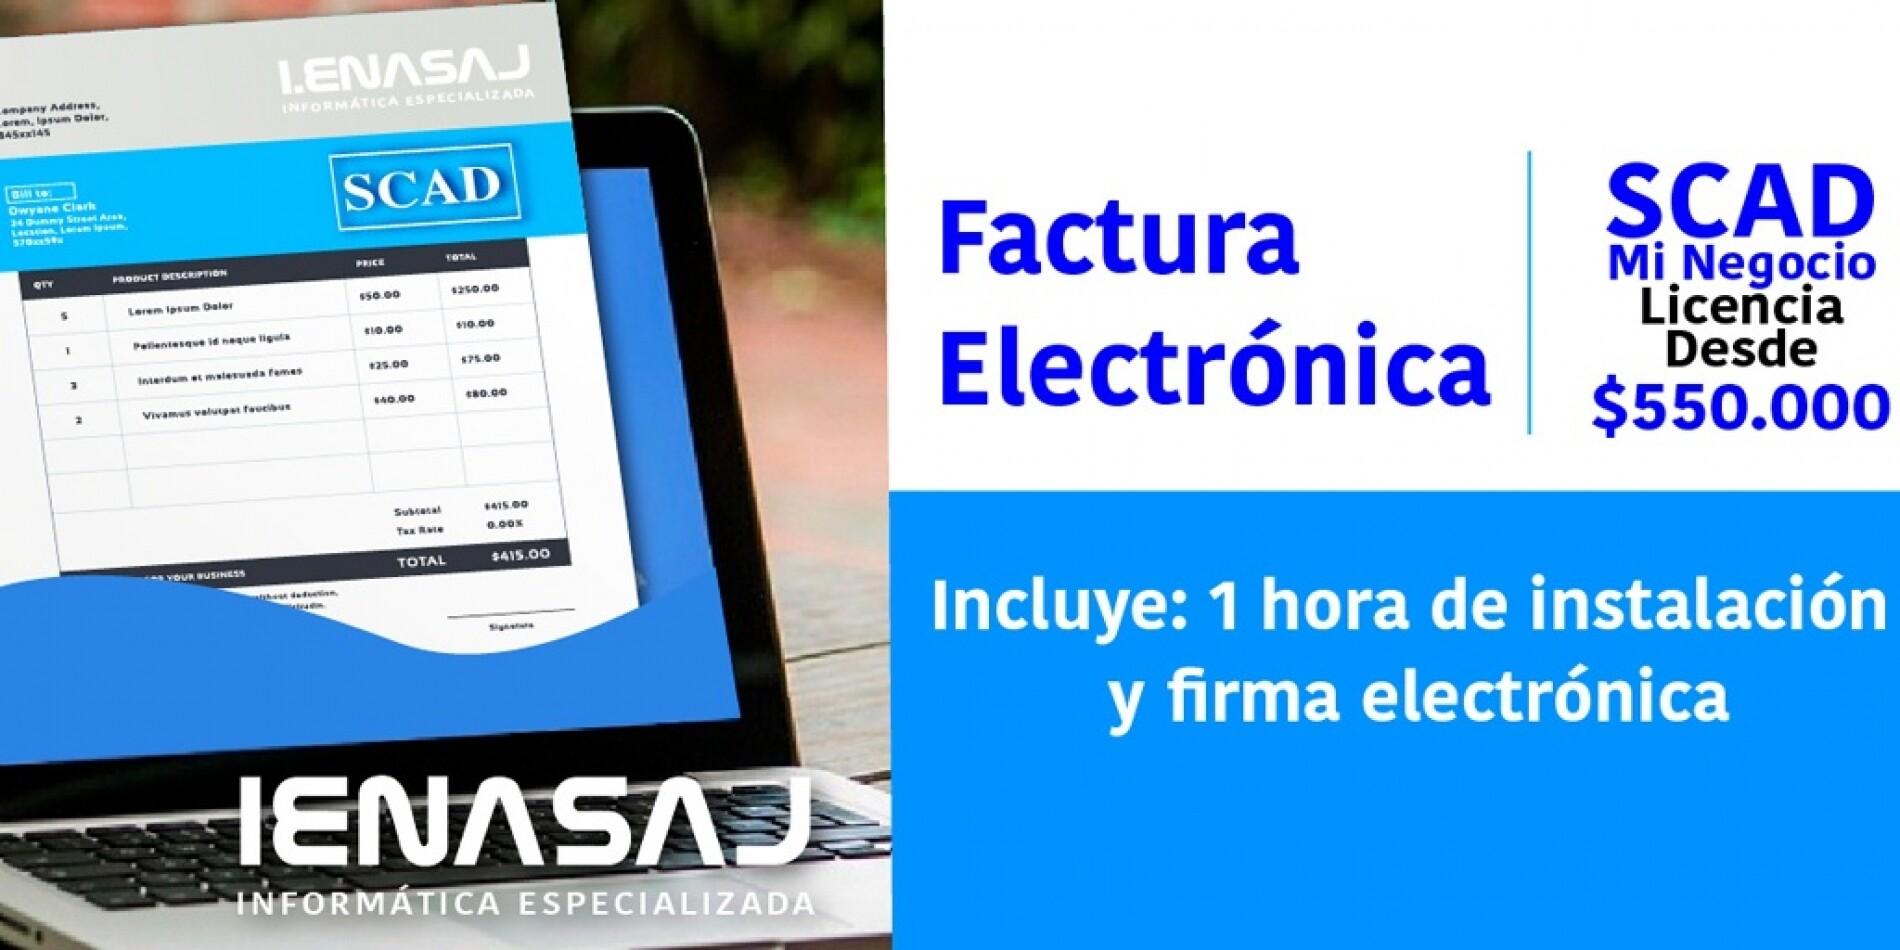 Software Factura Electrónica MiNegocio Colombia